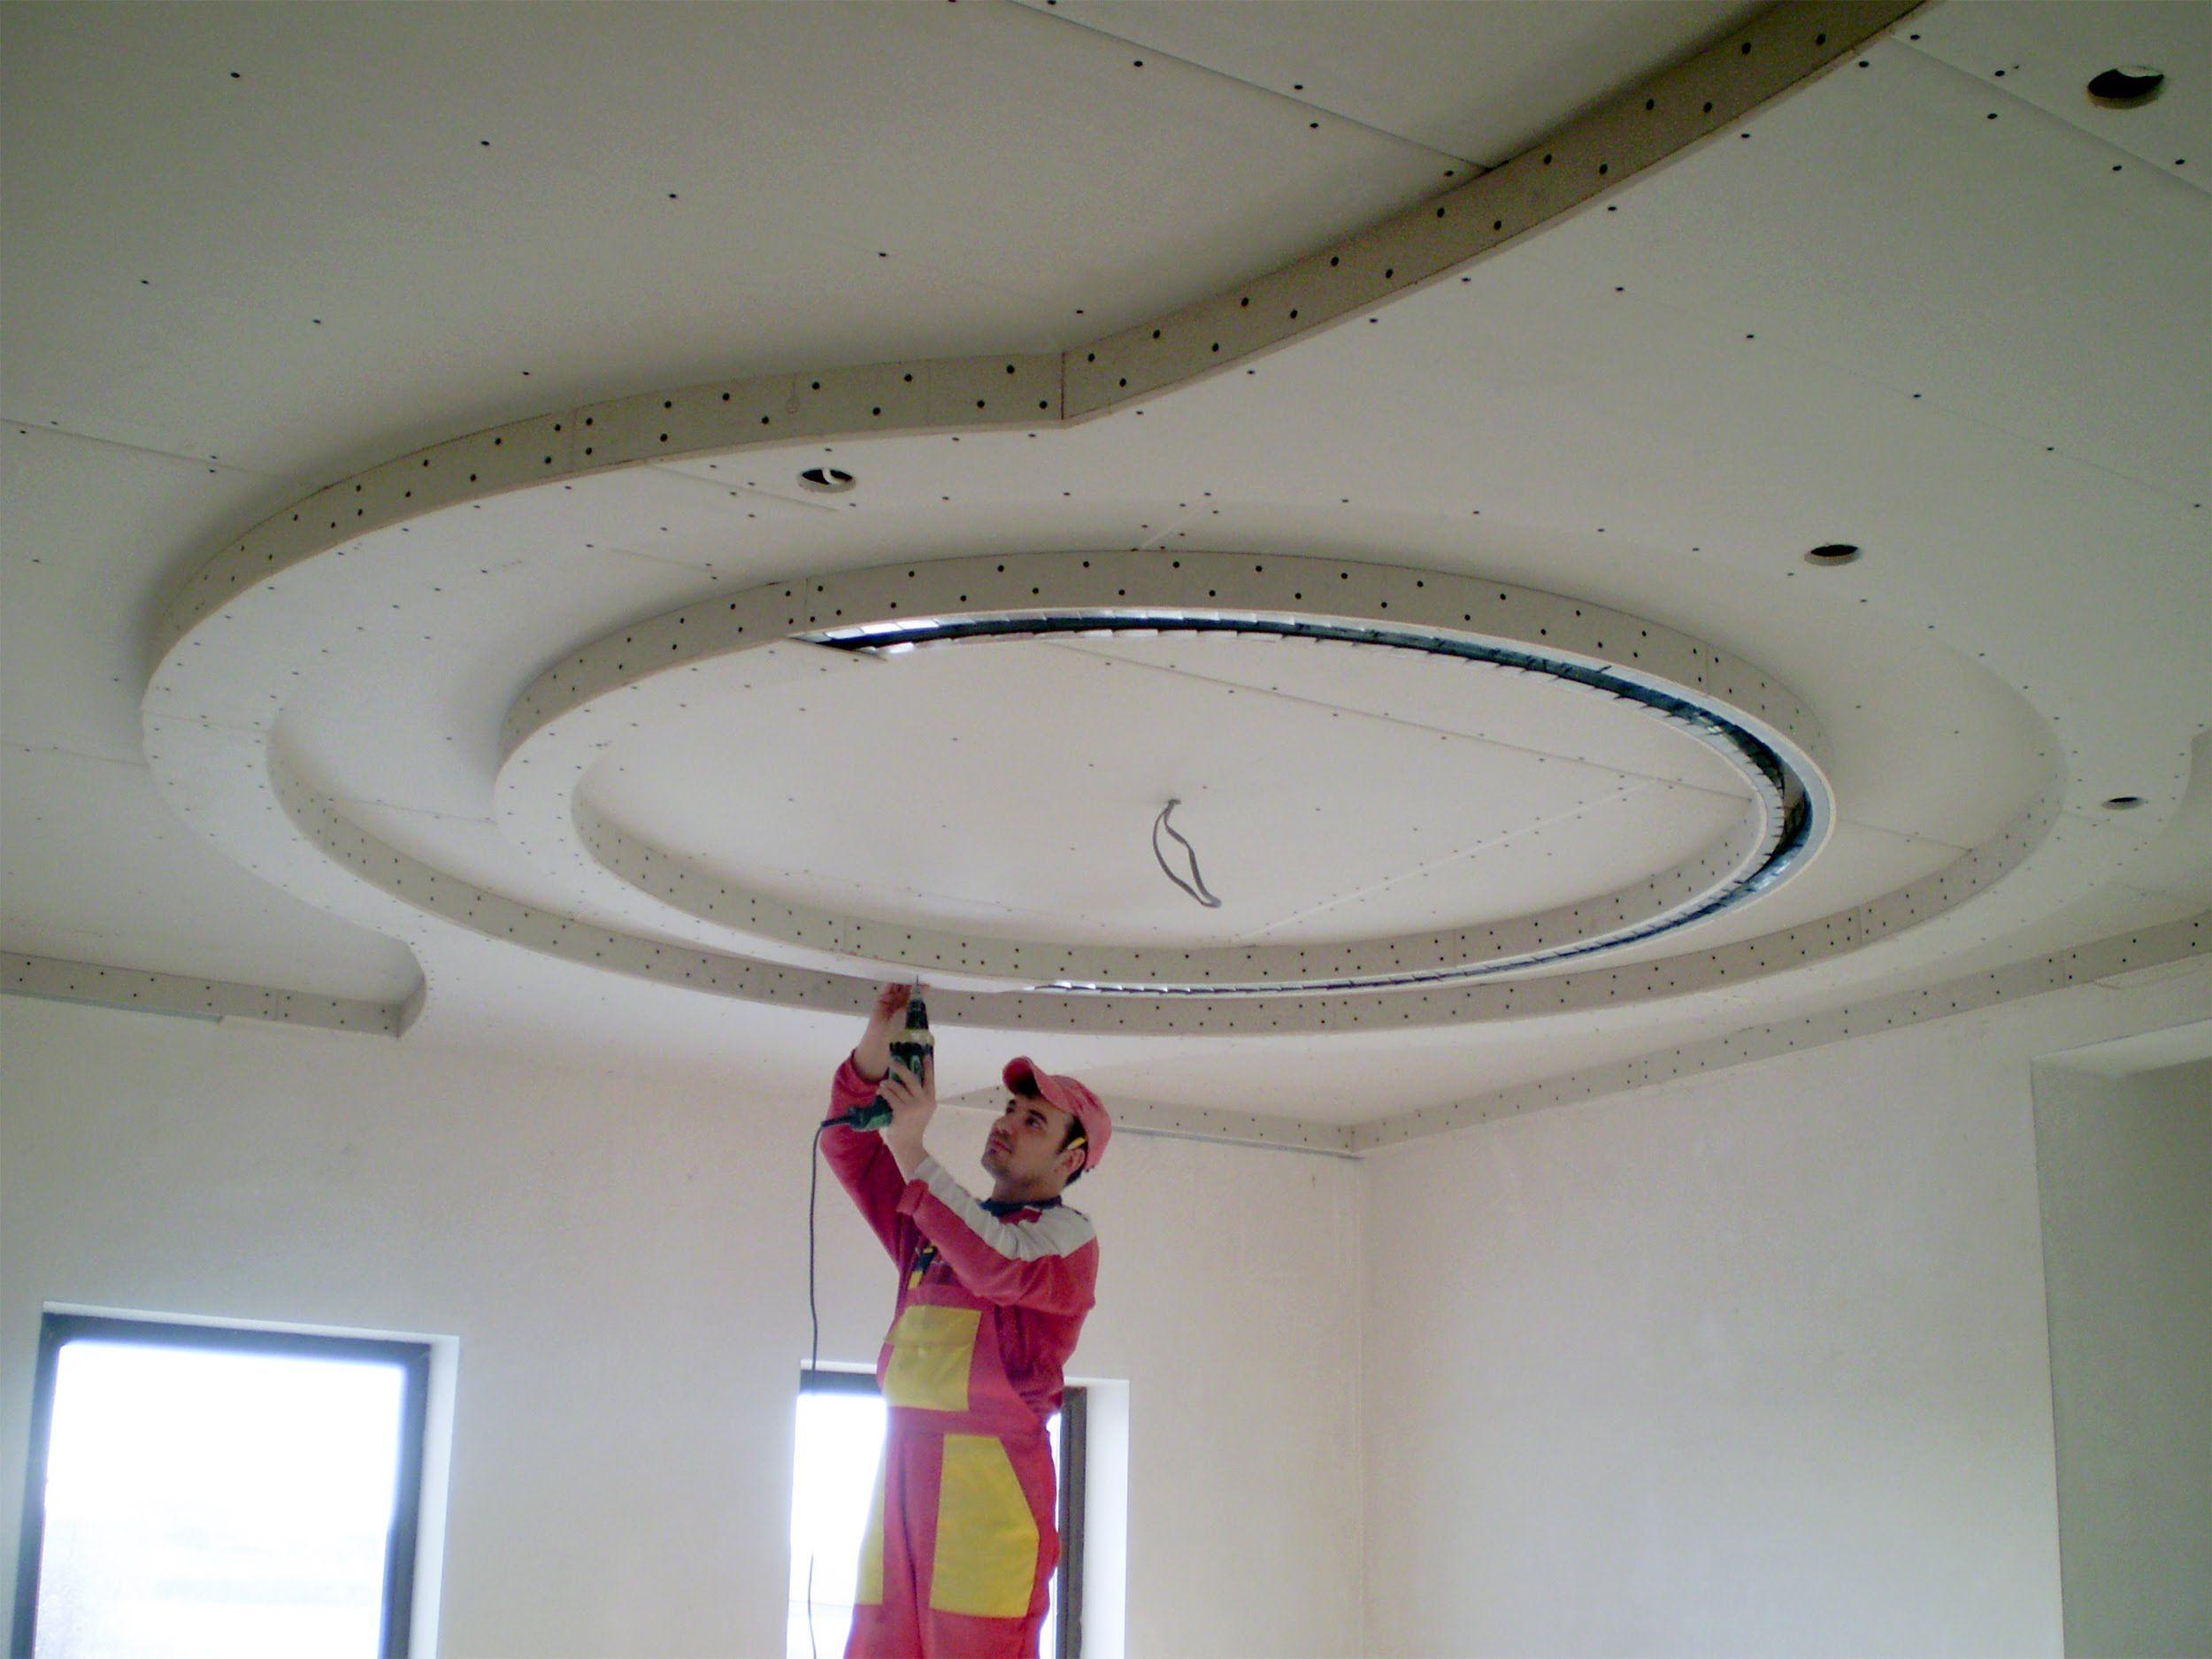 как кривой потолок можно сделать красивым фото пазухи это